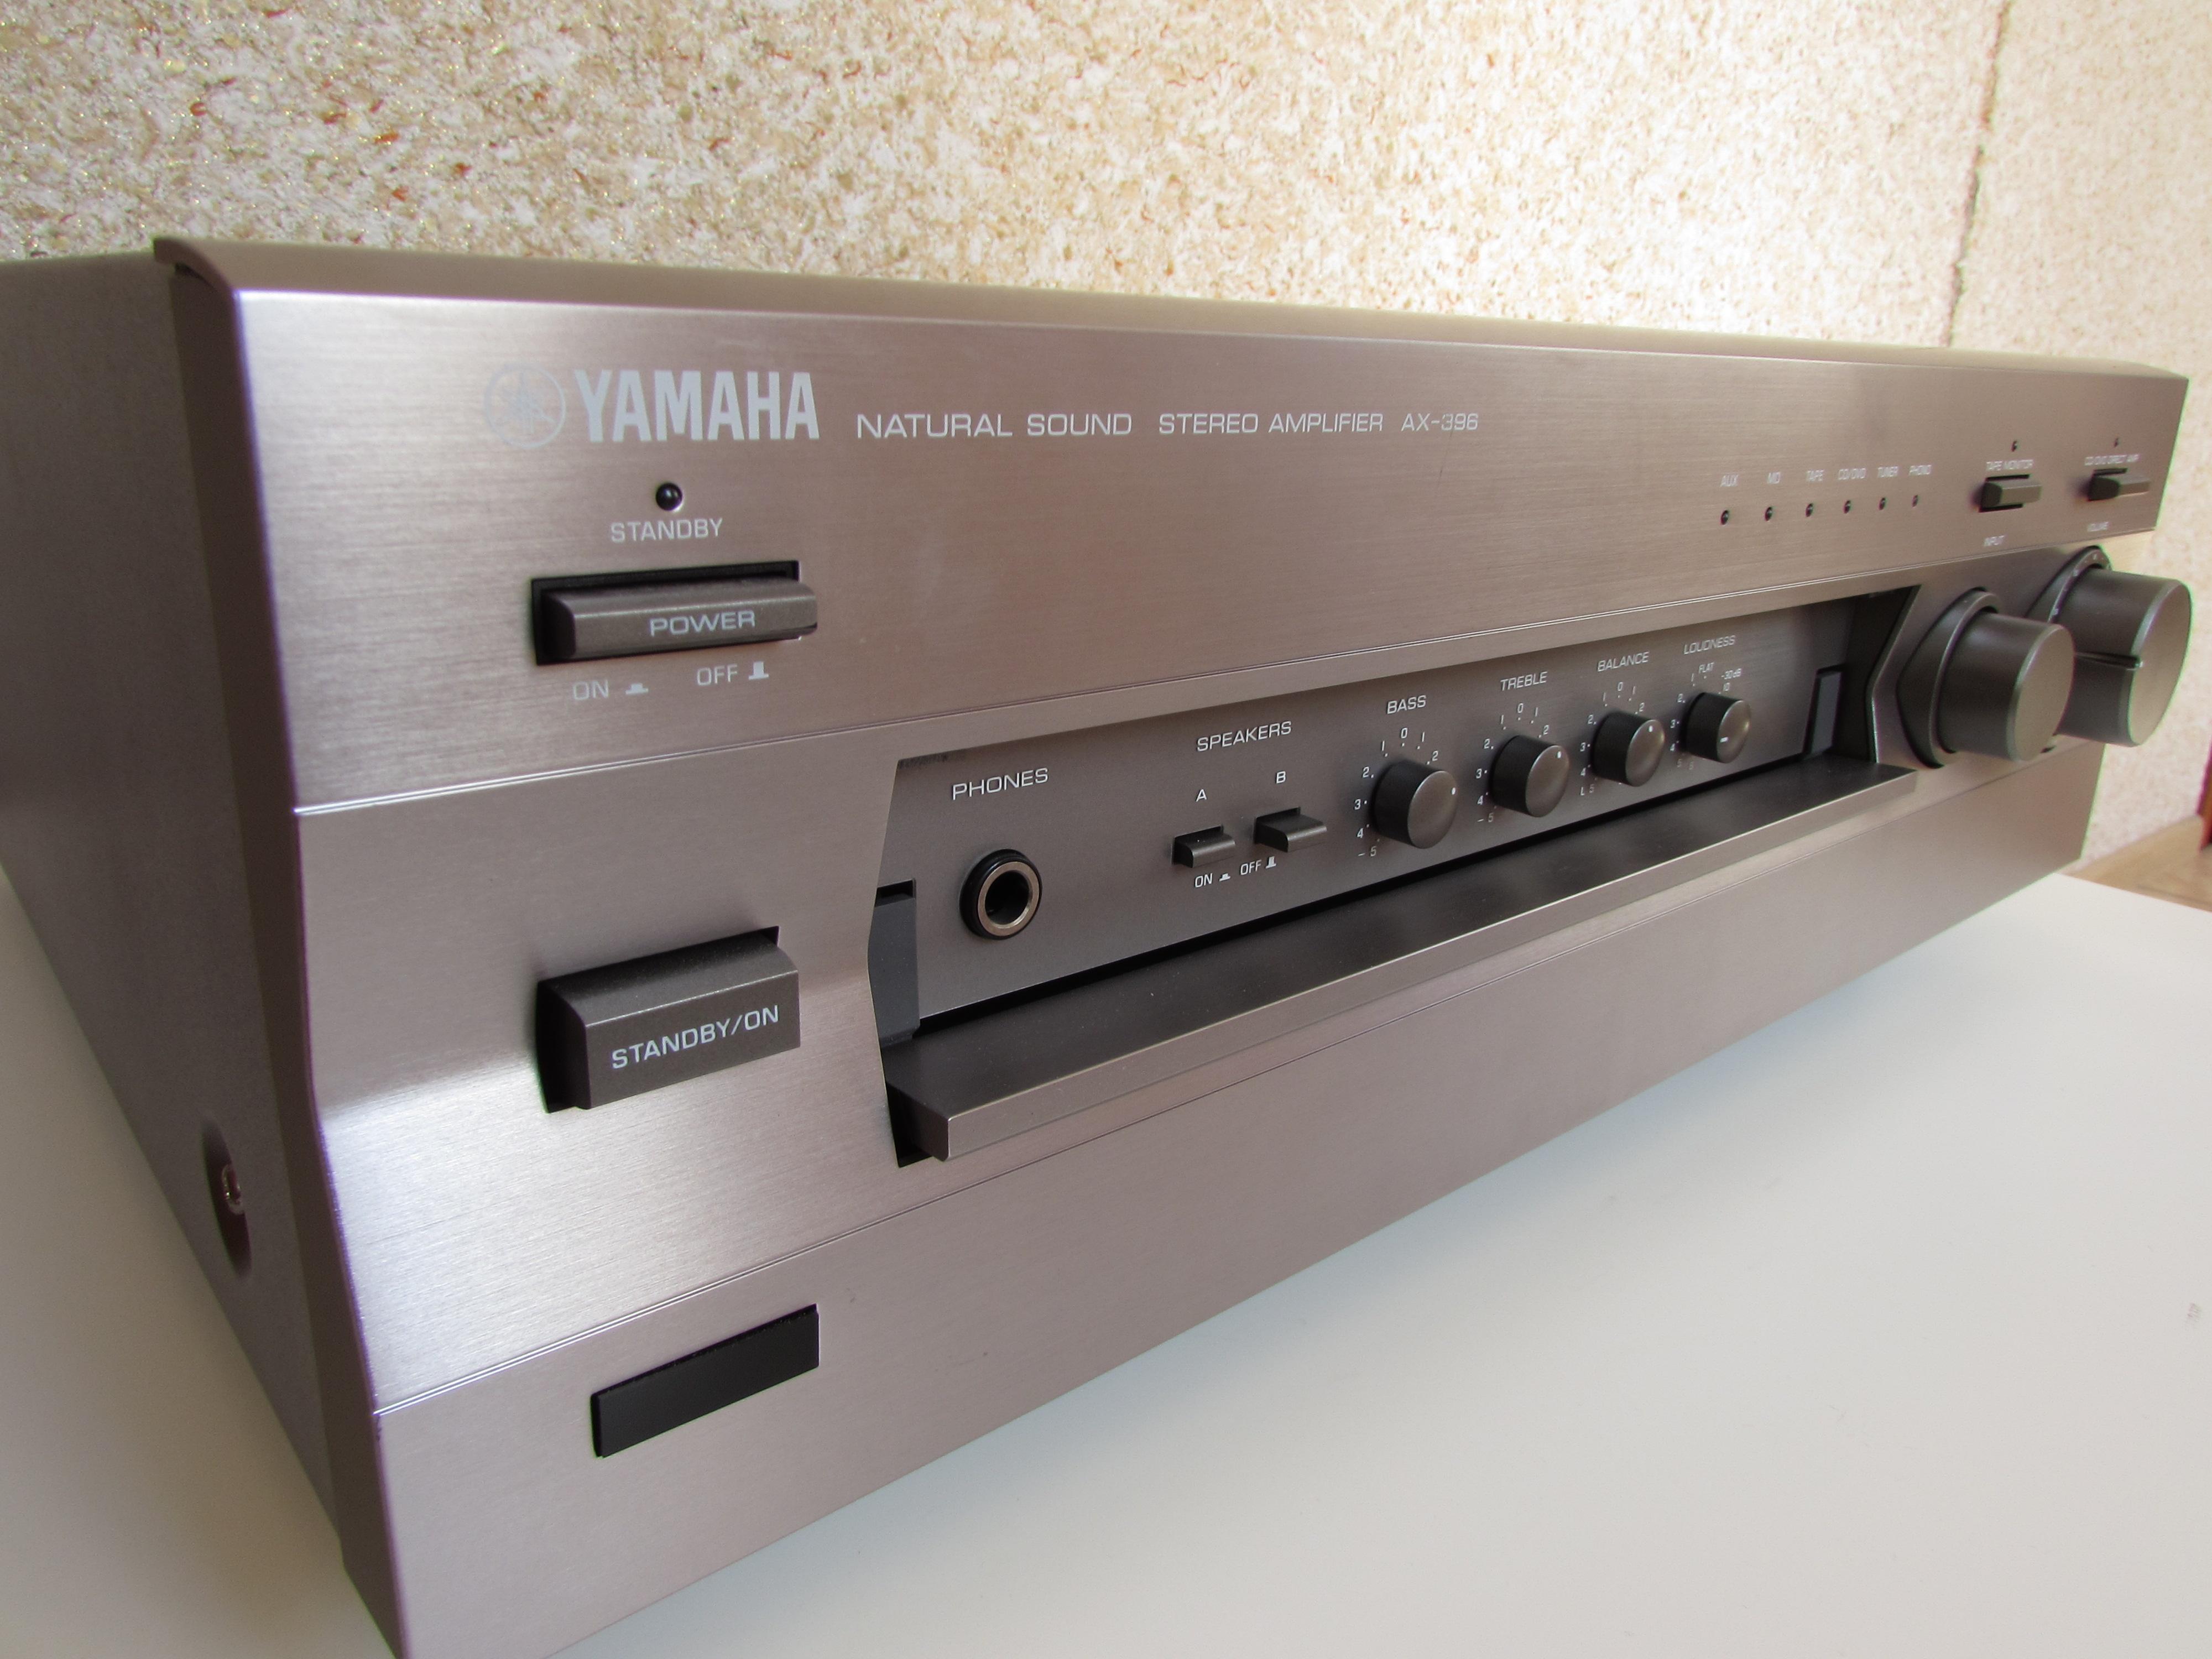 [Sprzedam] Wzmacniacze Stereo Yamaha Ax-450 i Yamaha Ax-396